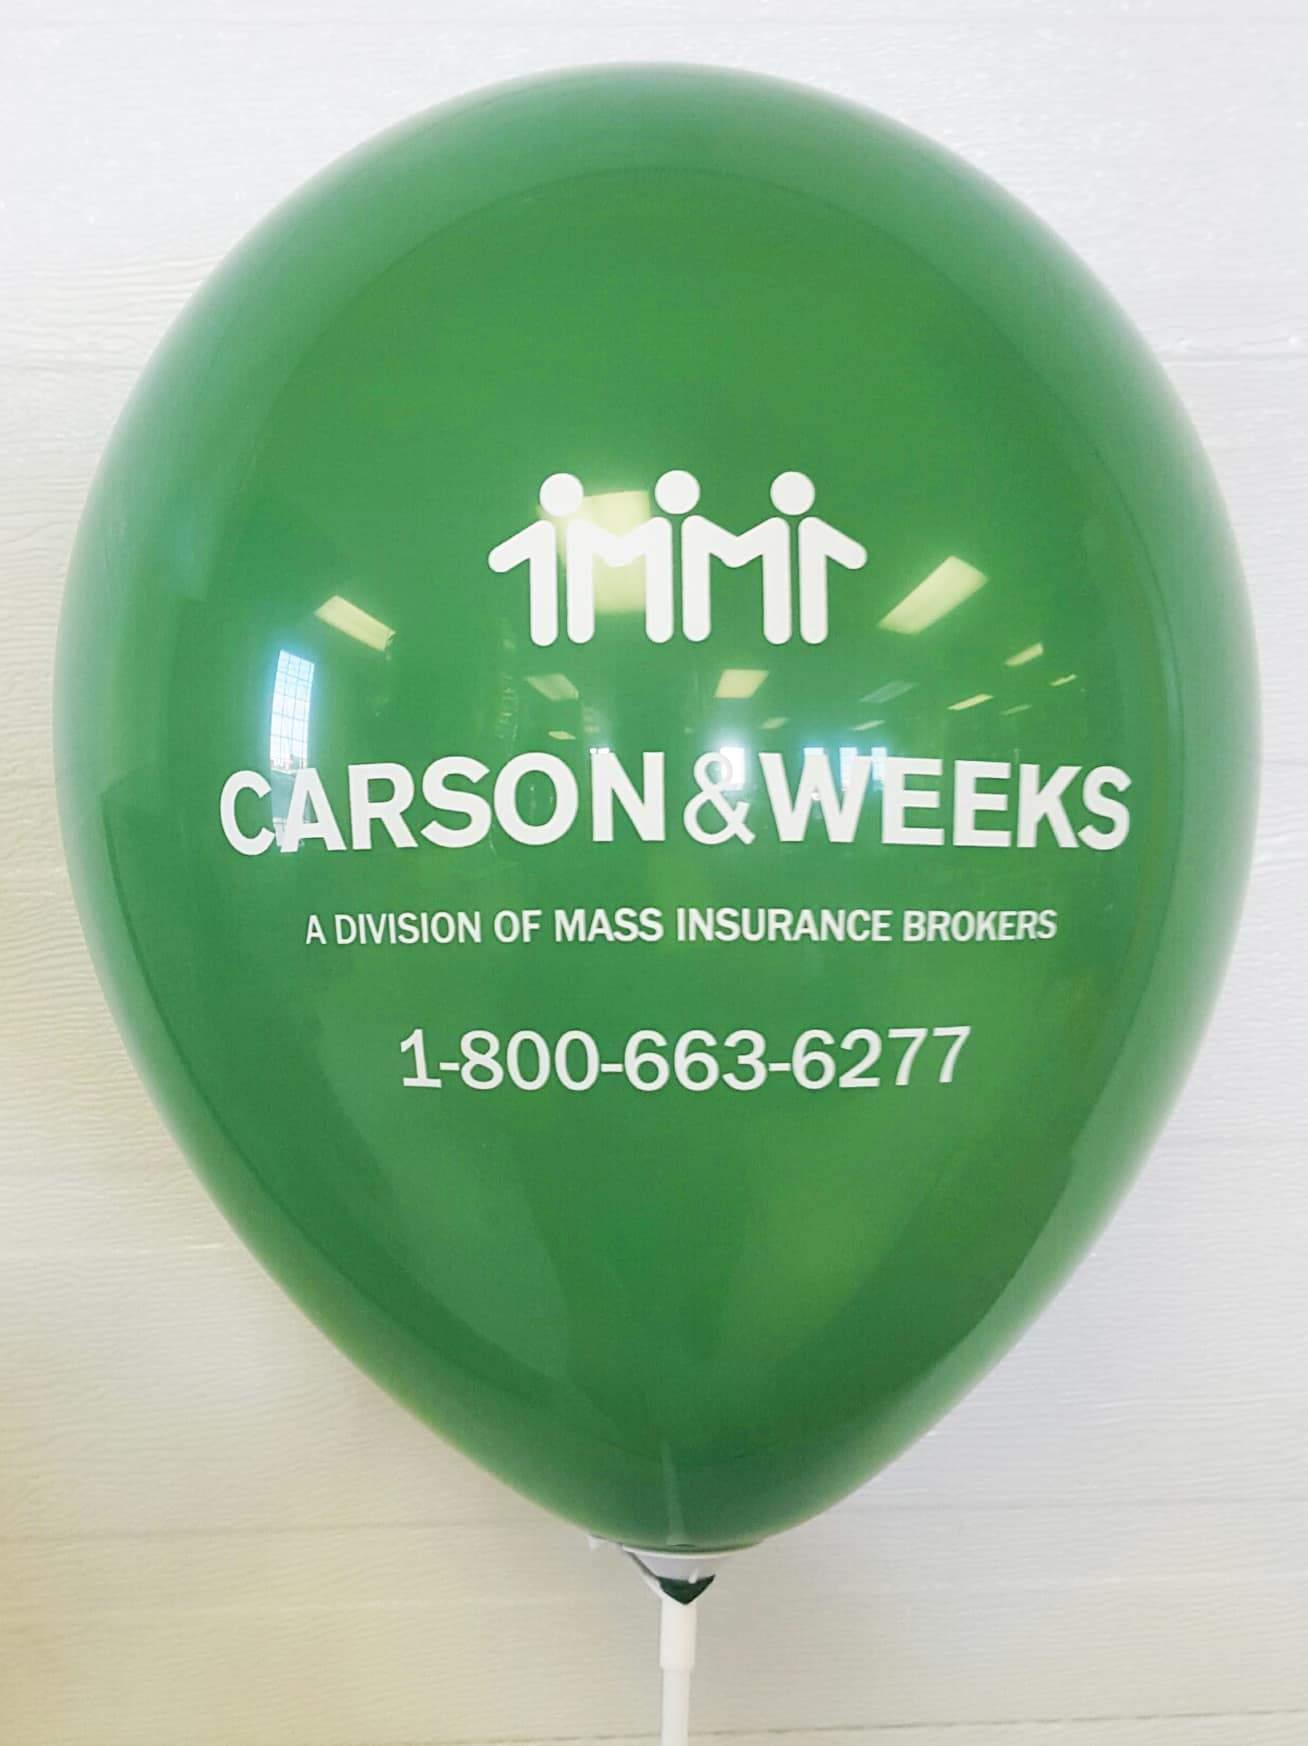 carson-weeks-csa-balloons